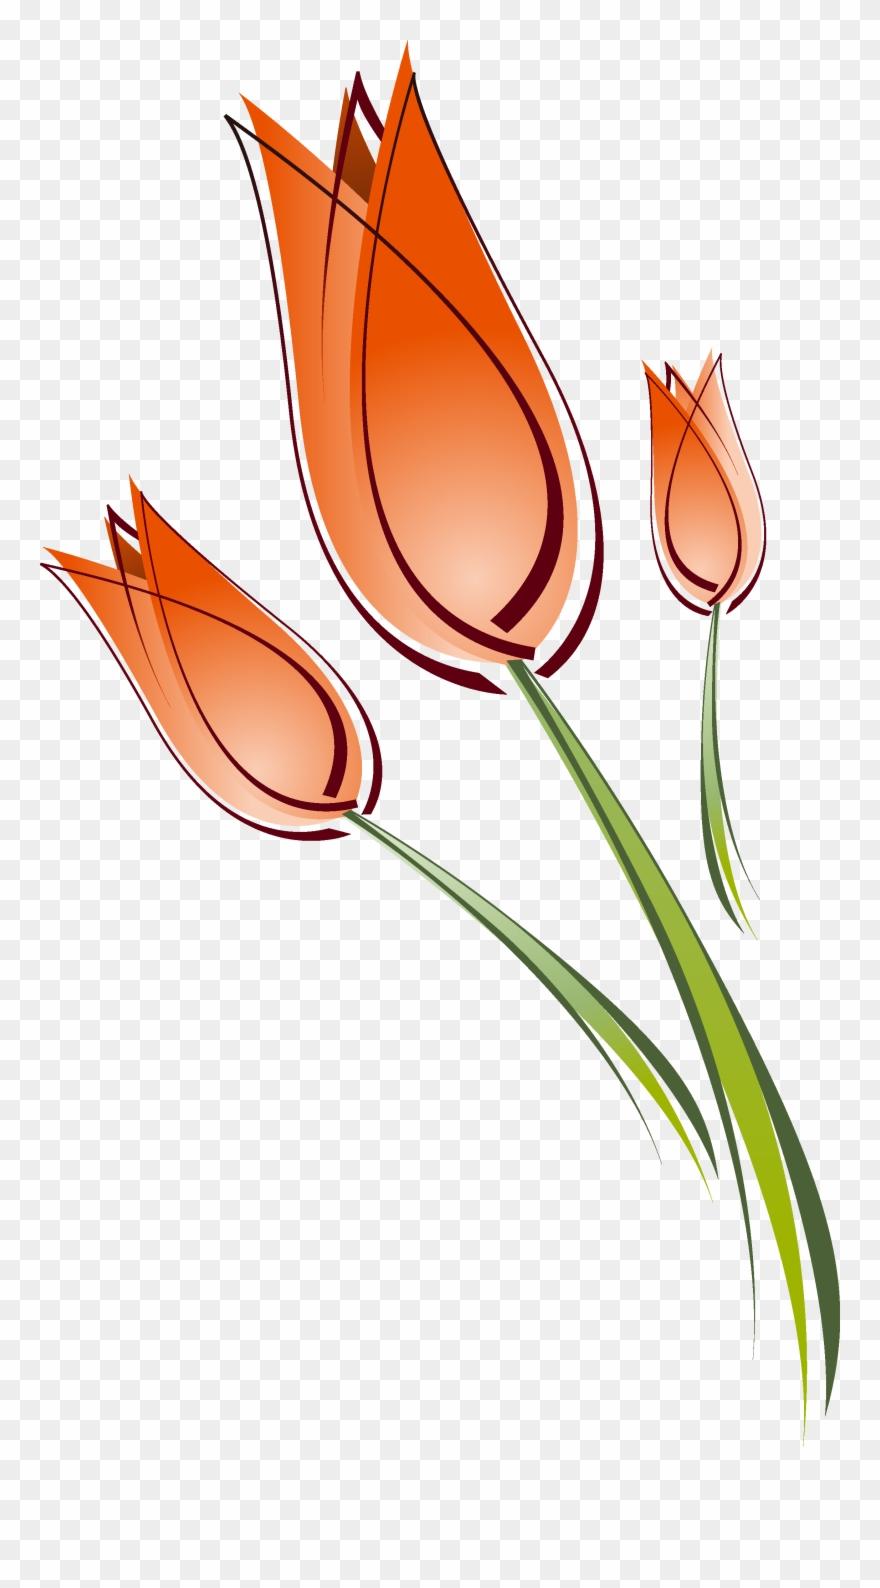 tulip # 4979532